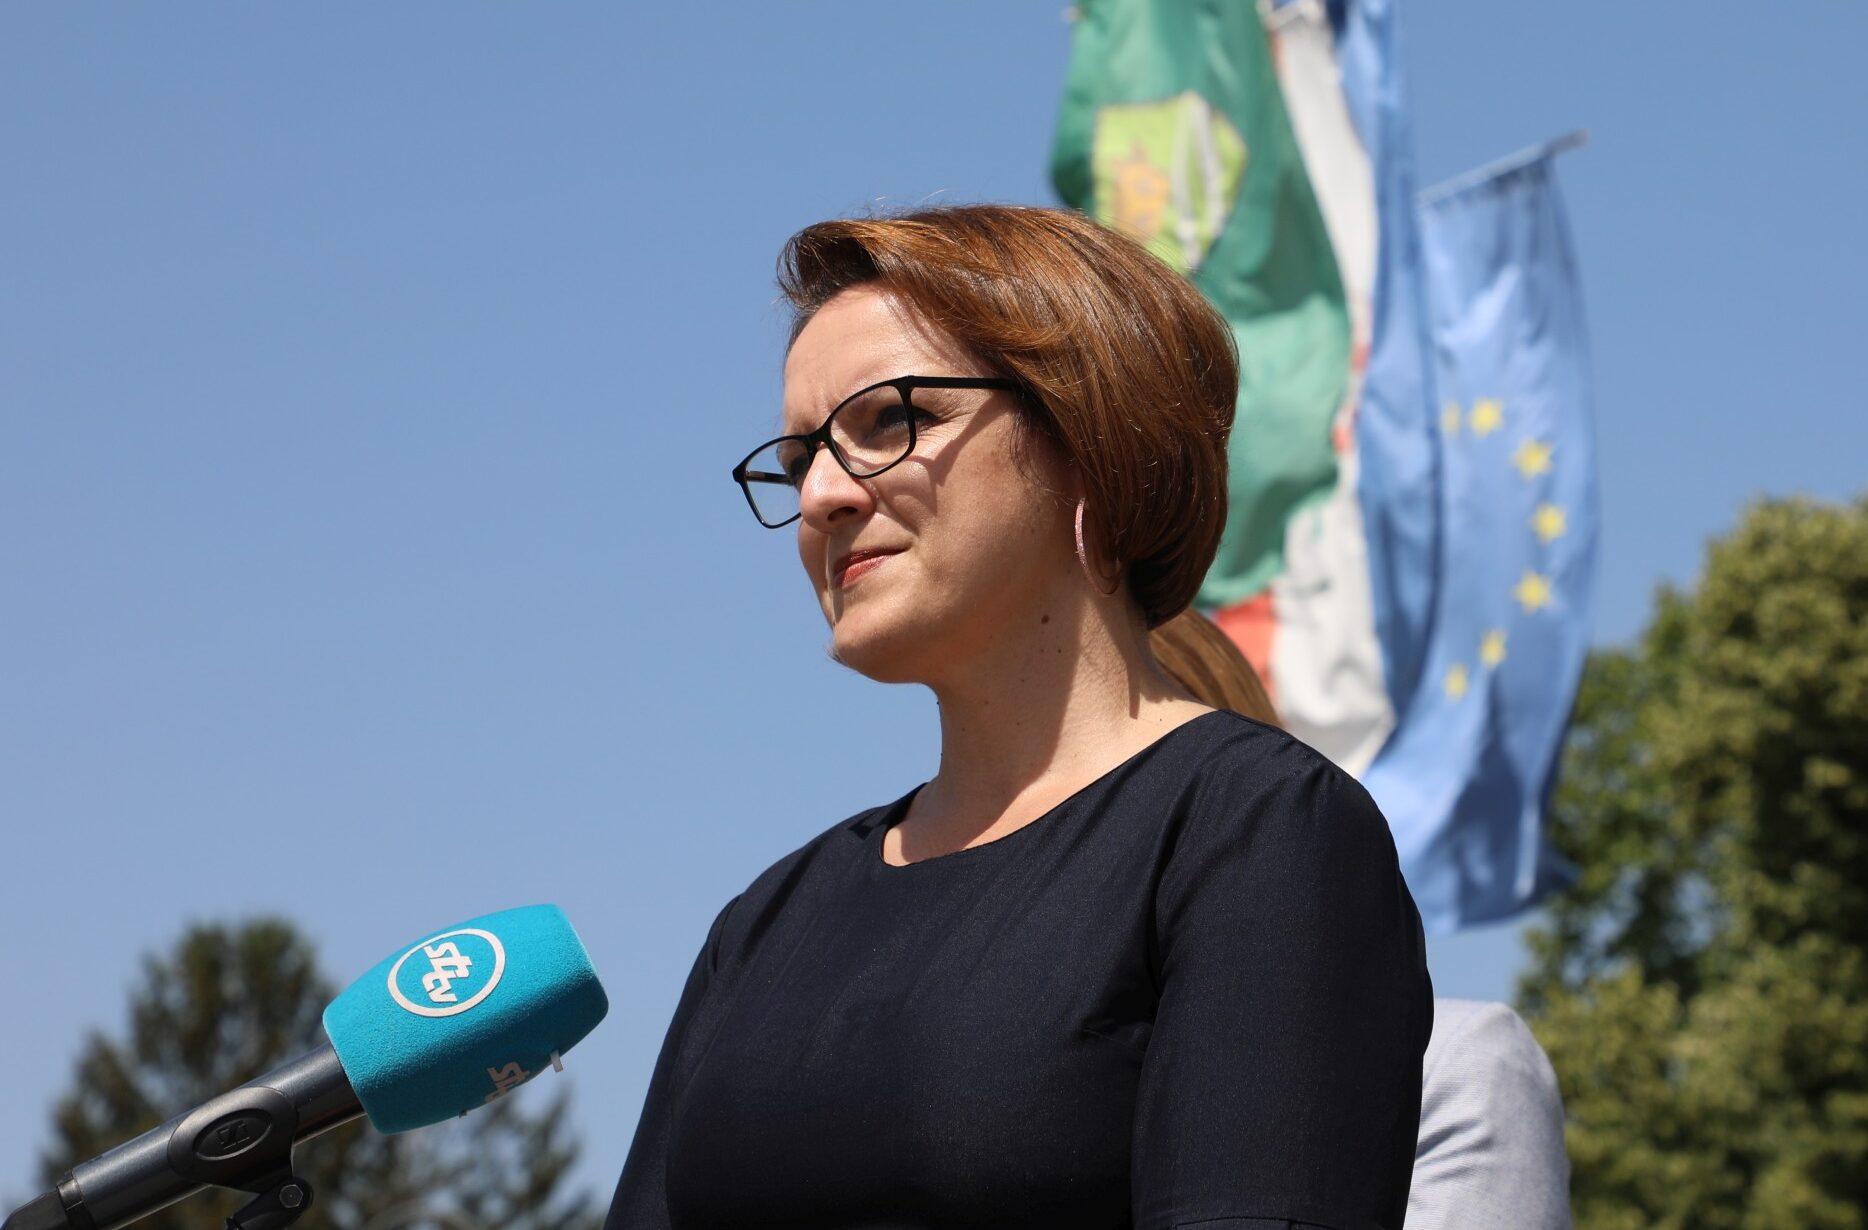 """Pleternica prva u Hrvatskoj uvela dječji gradski doplatak. Šarić: """"Ono što smo obećali, današnjim danom smo i izvršili"""""""